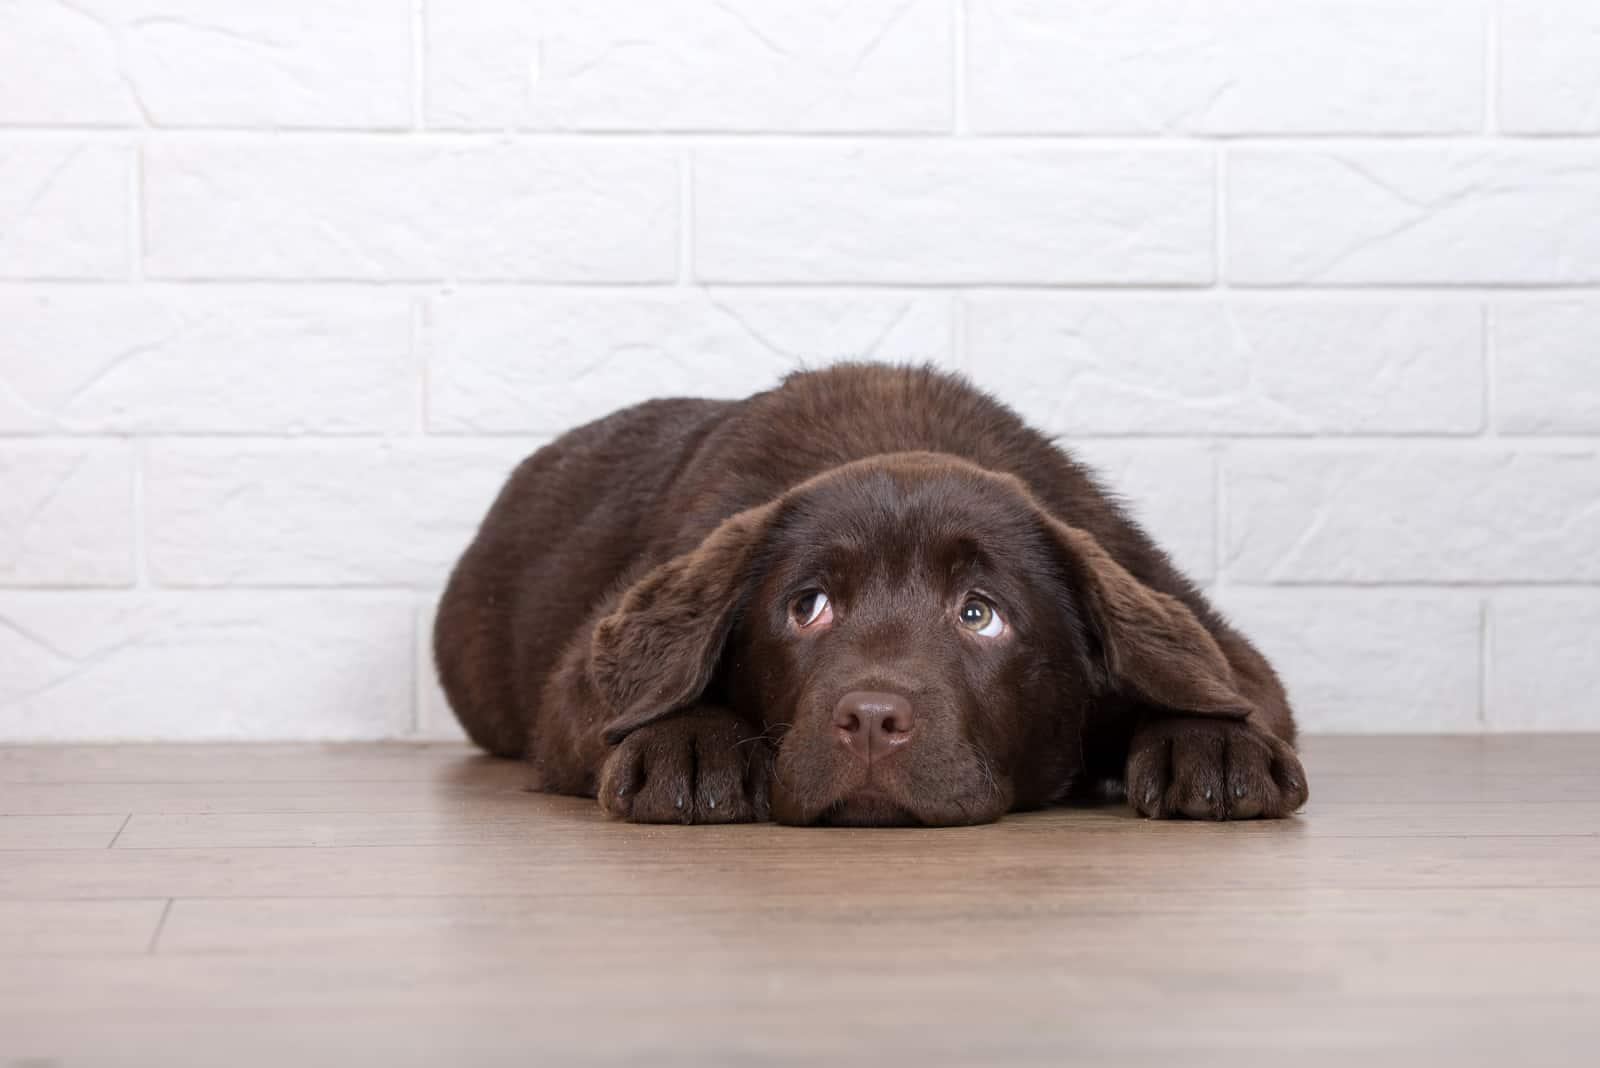 ängstlicher brauner Labradorwelpe, der auf dem Boden liegt